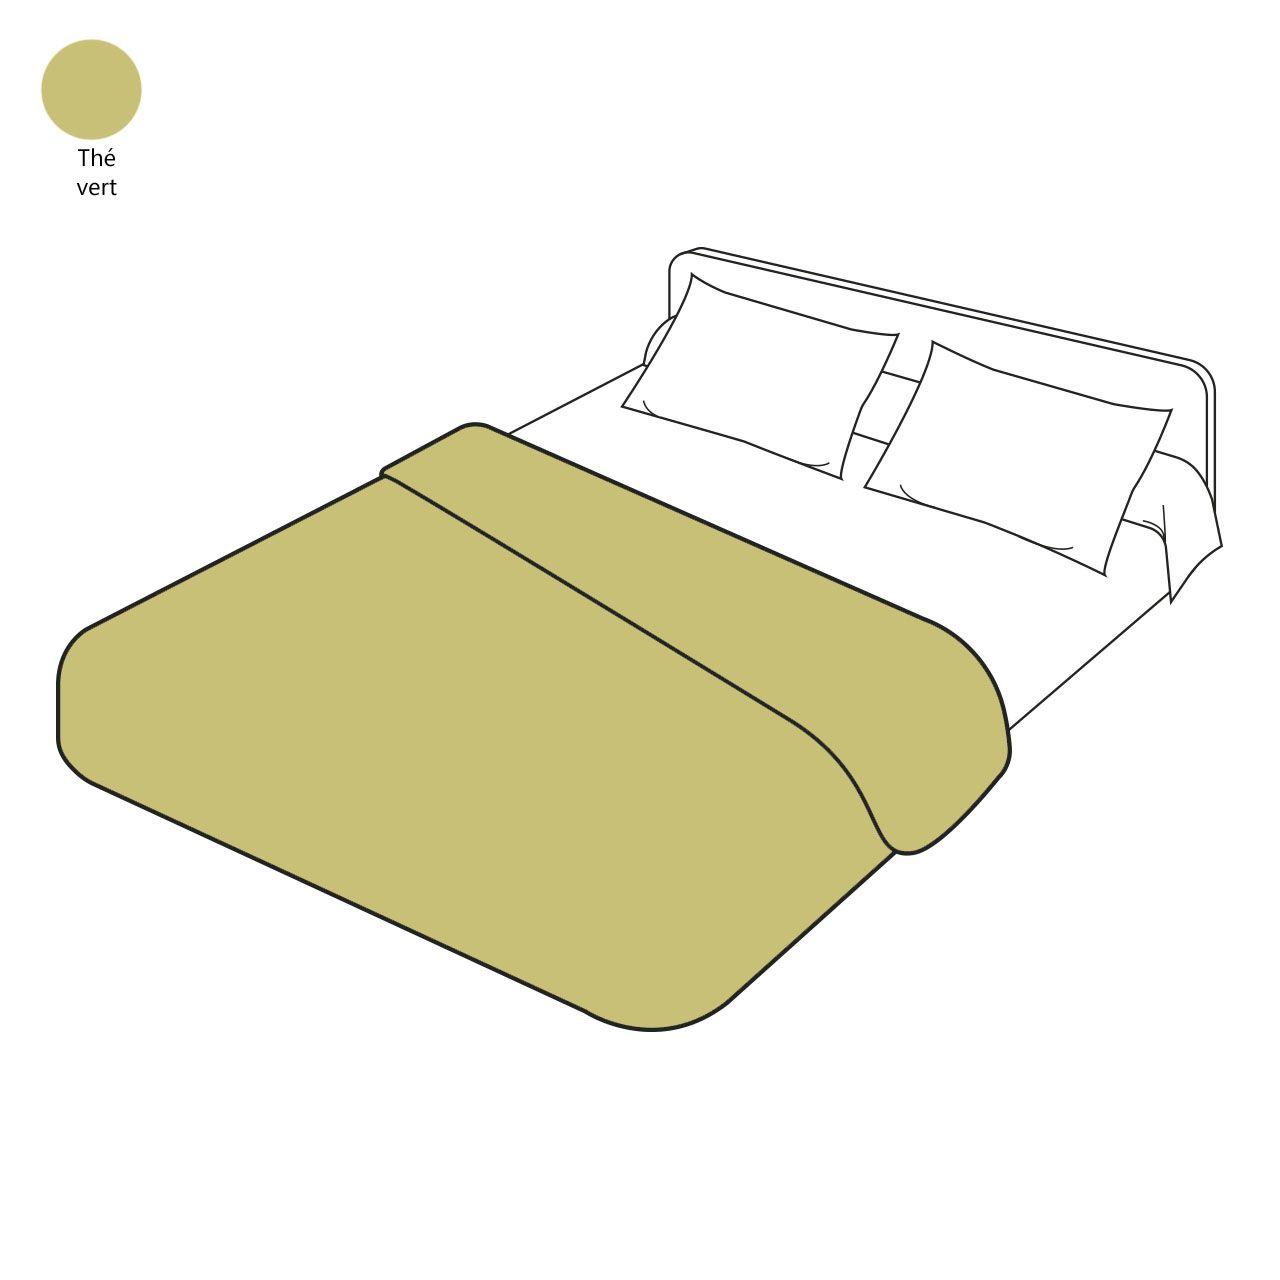 housse de couette percale th vert 140x200 sylvie thiriez. Black Bedroom Furniture Sets. Home Design Ideas